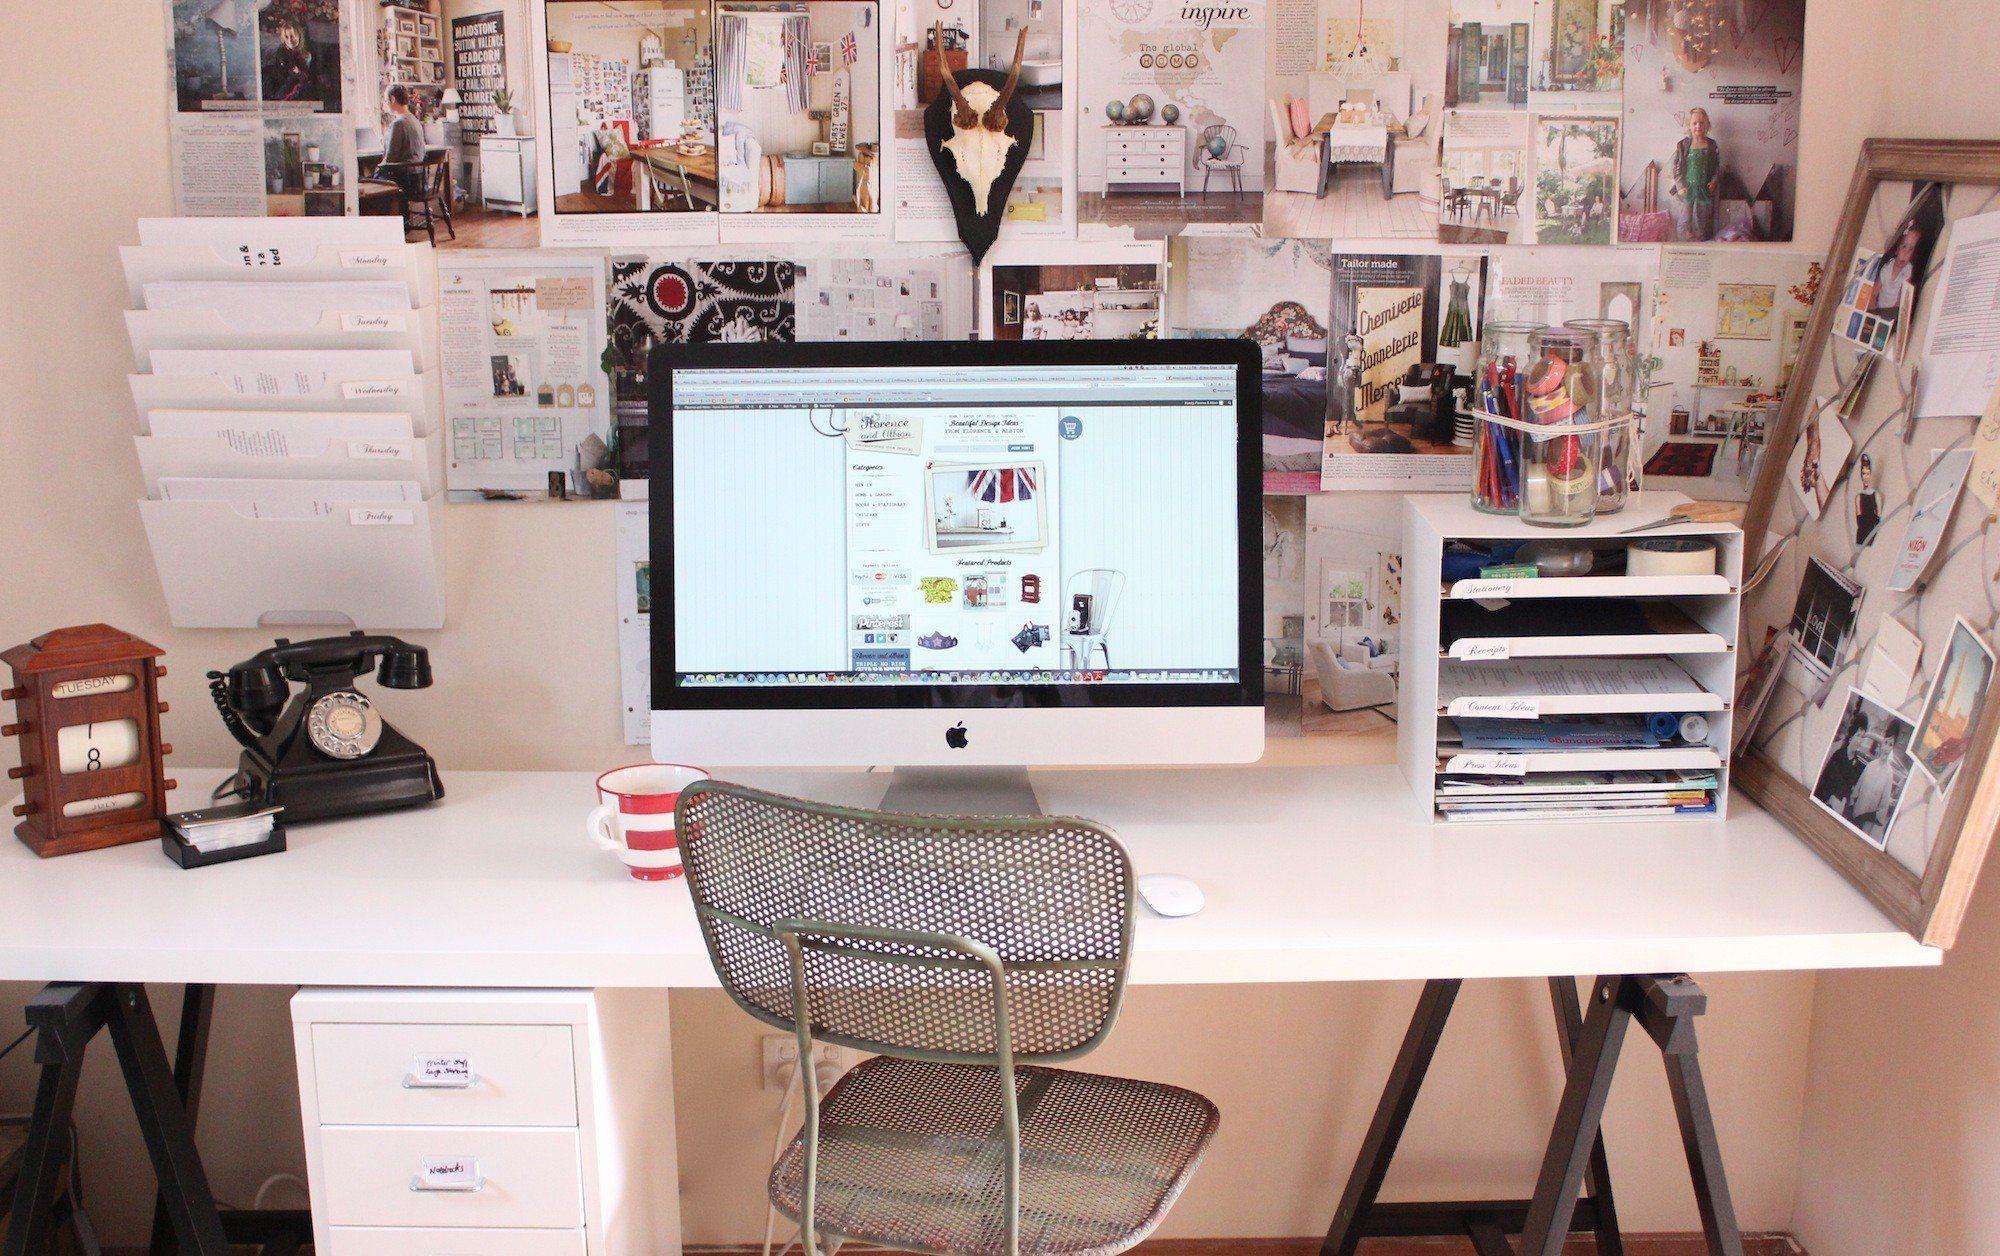 Diy Computer Desk Ideas Unique Wonderful Bedroom Desk Decor In